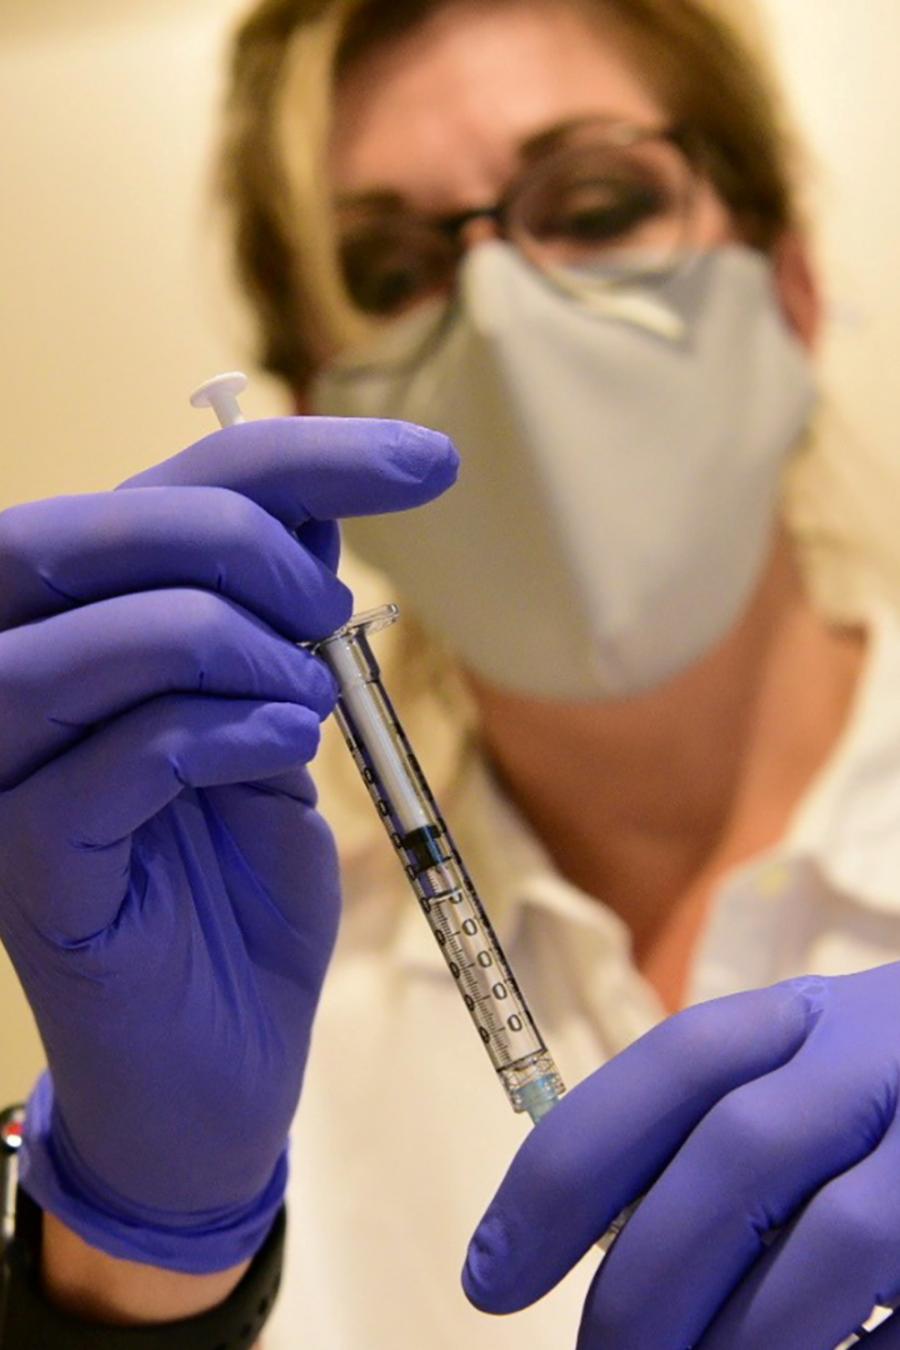 Una trabajadora de Johnson & Johnson con la vacuna contra el COVID-19.